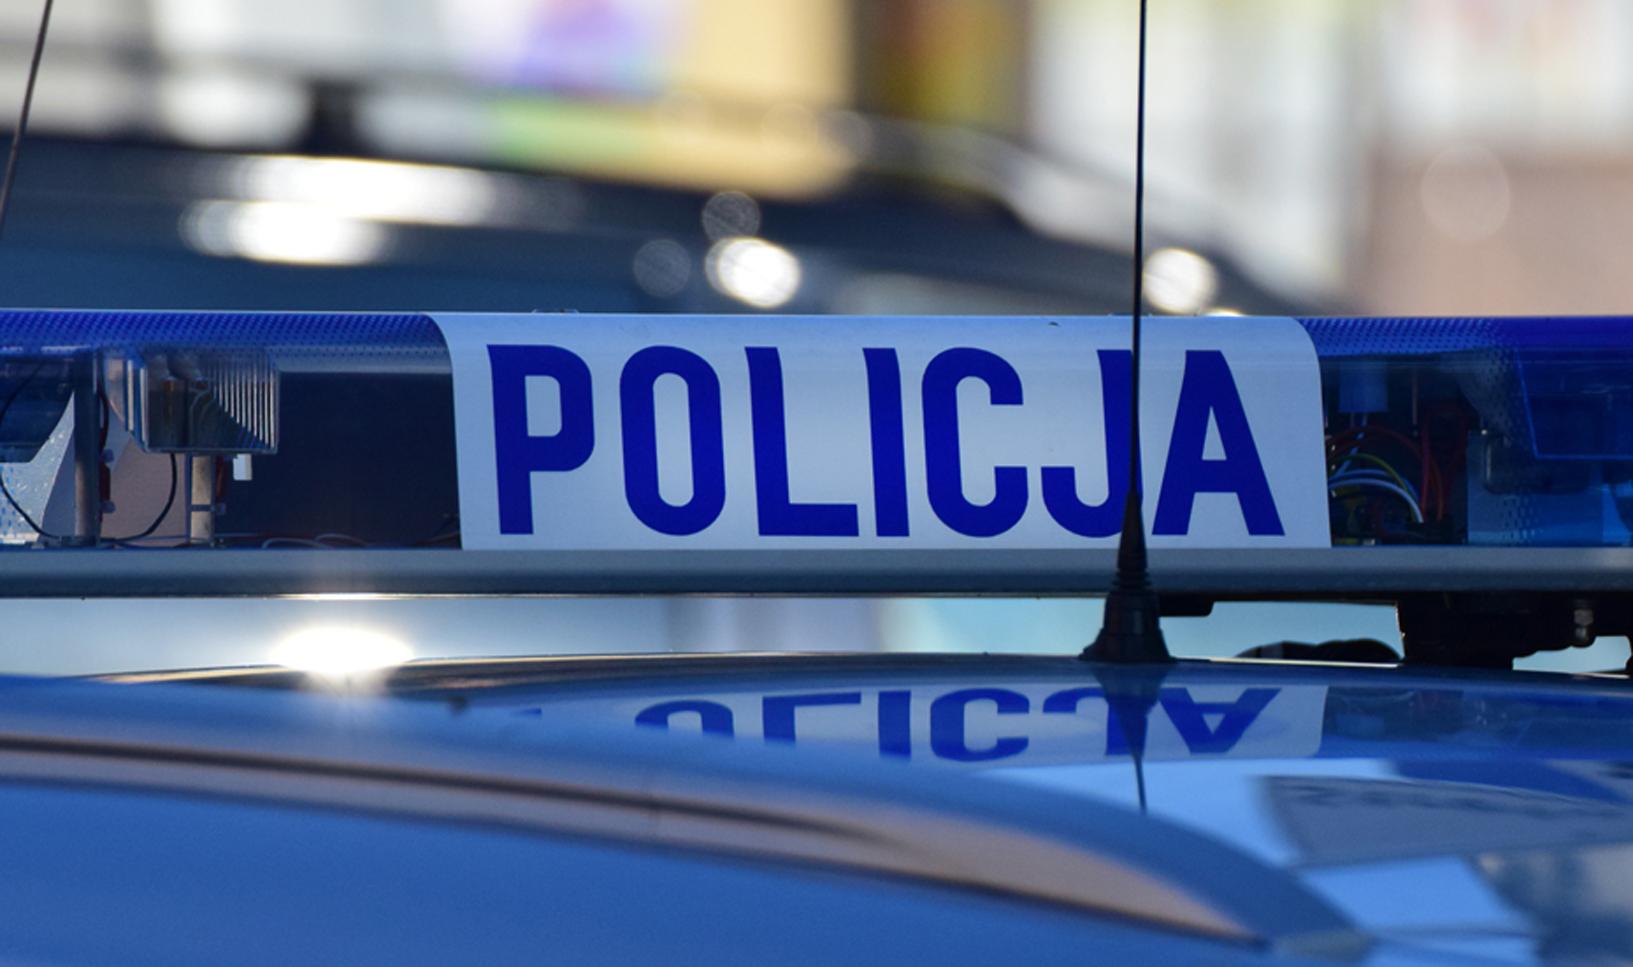 Policja będzie mocno egzekwować wprowadzone nakazy i zakazy  - Zdjęcie główne